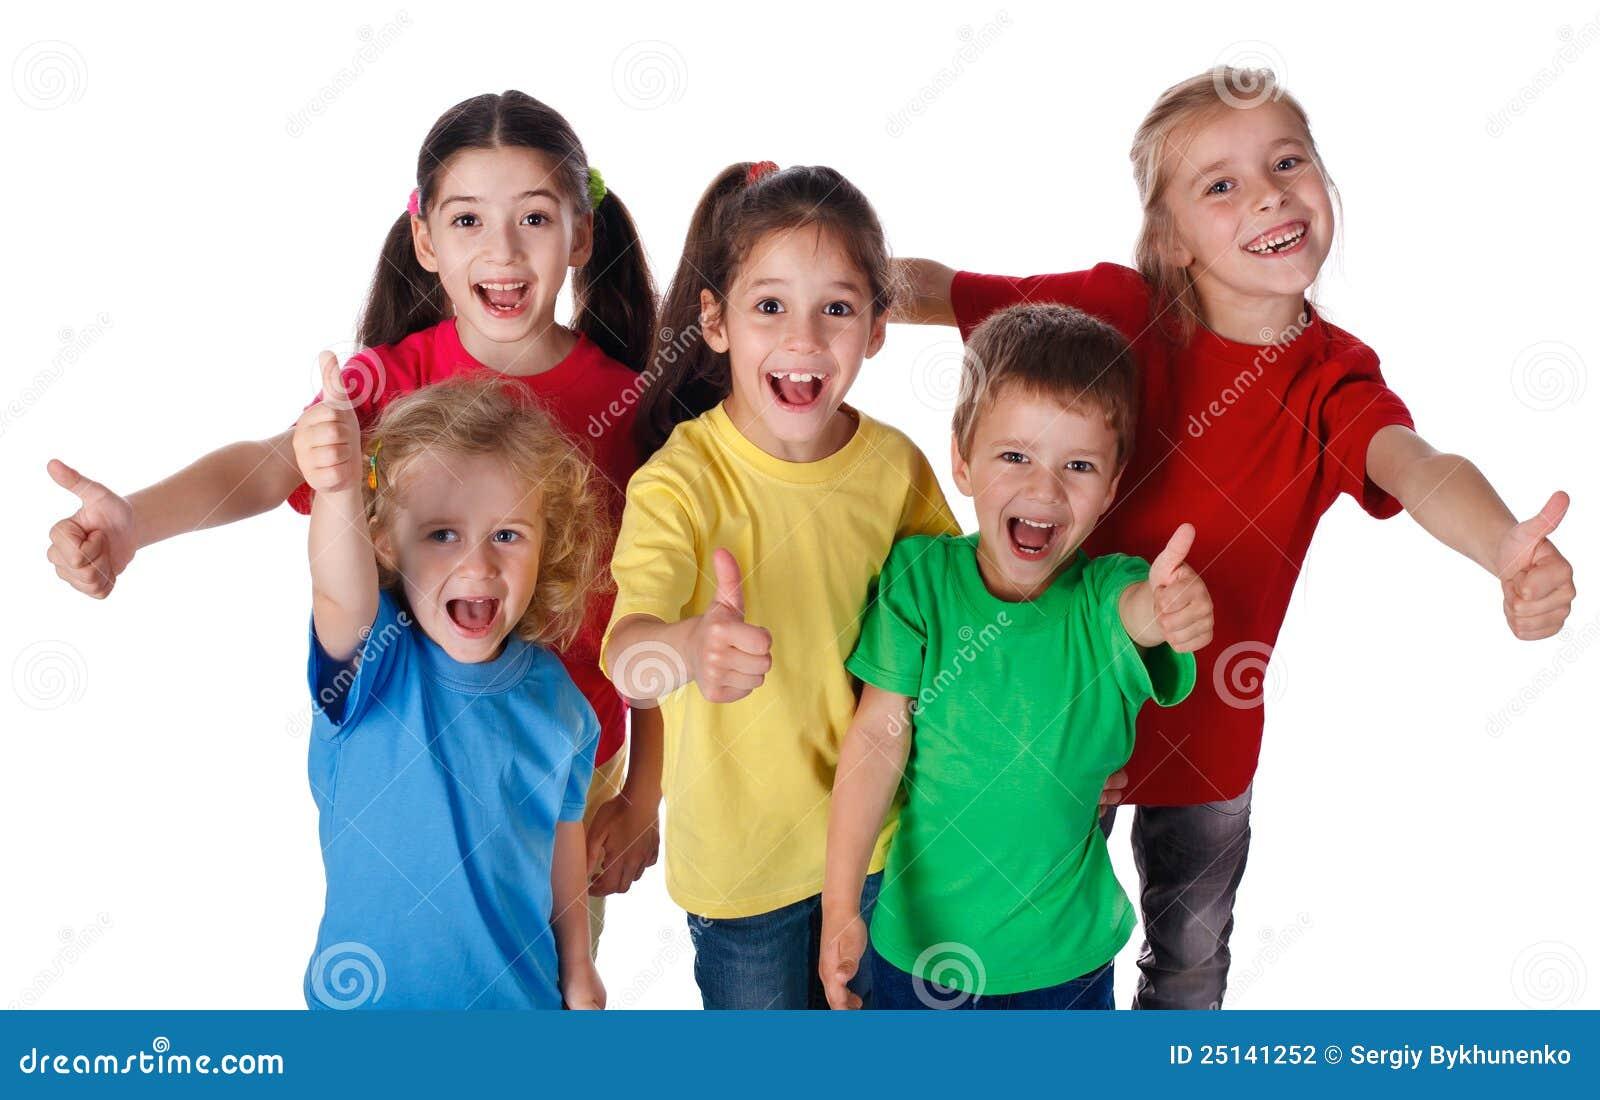 El grupo de niños con los pulgares sube la muestra